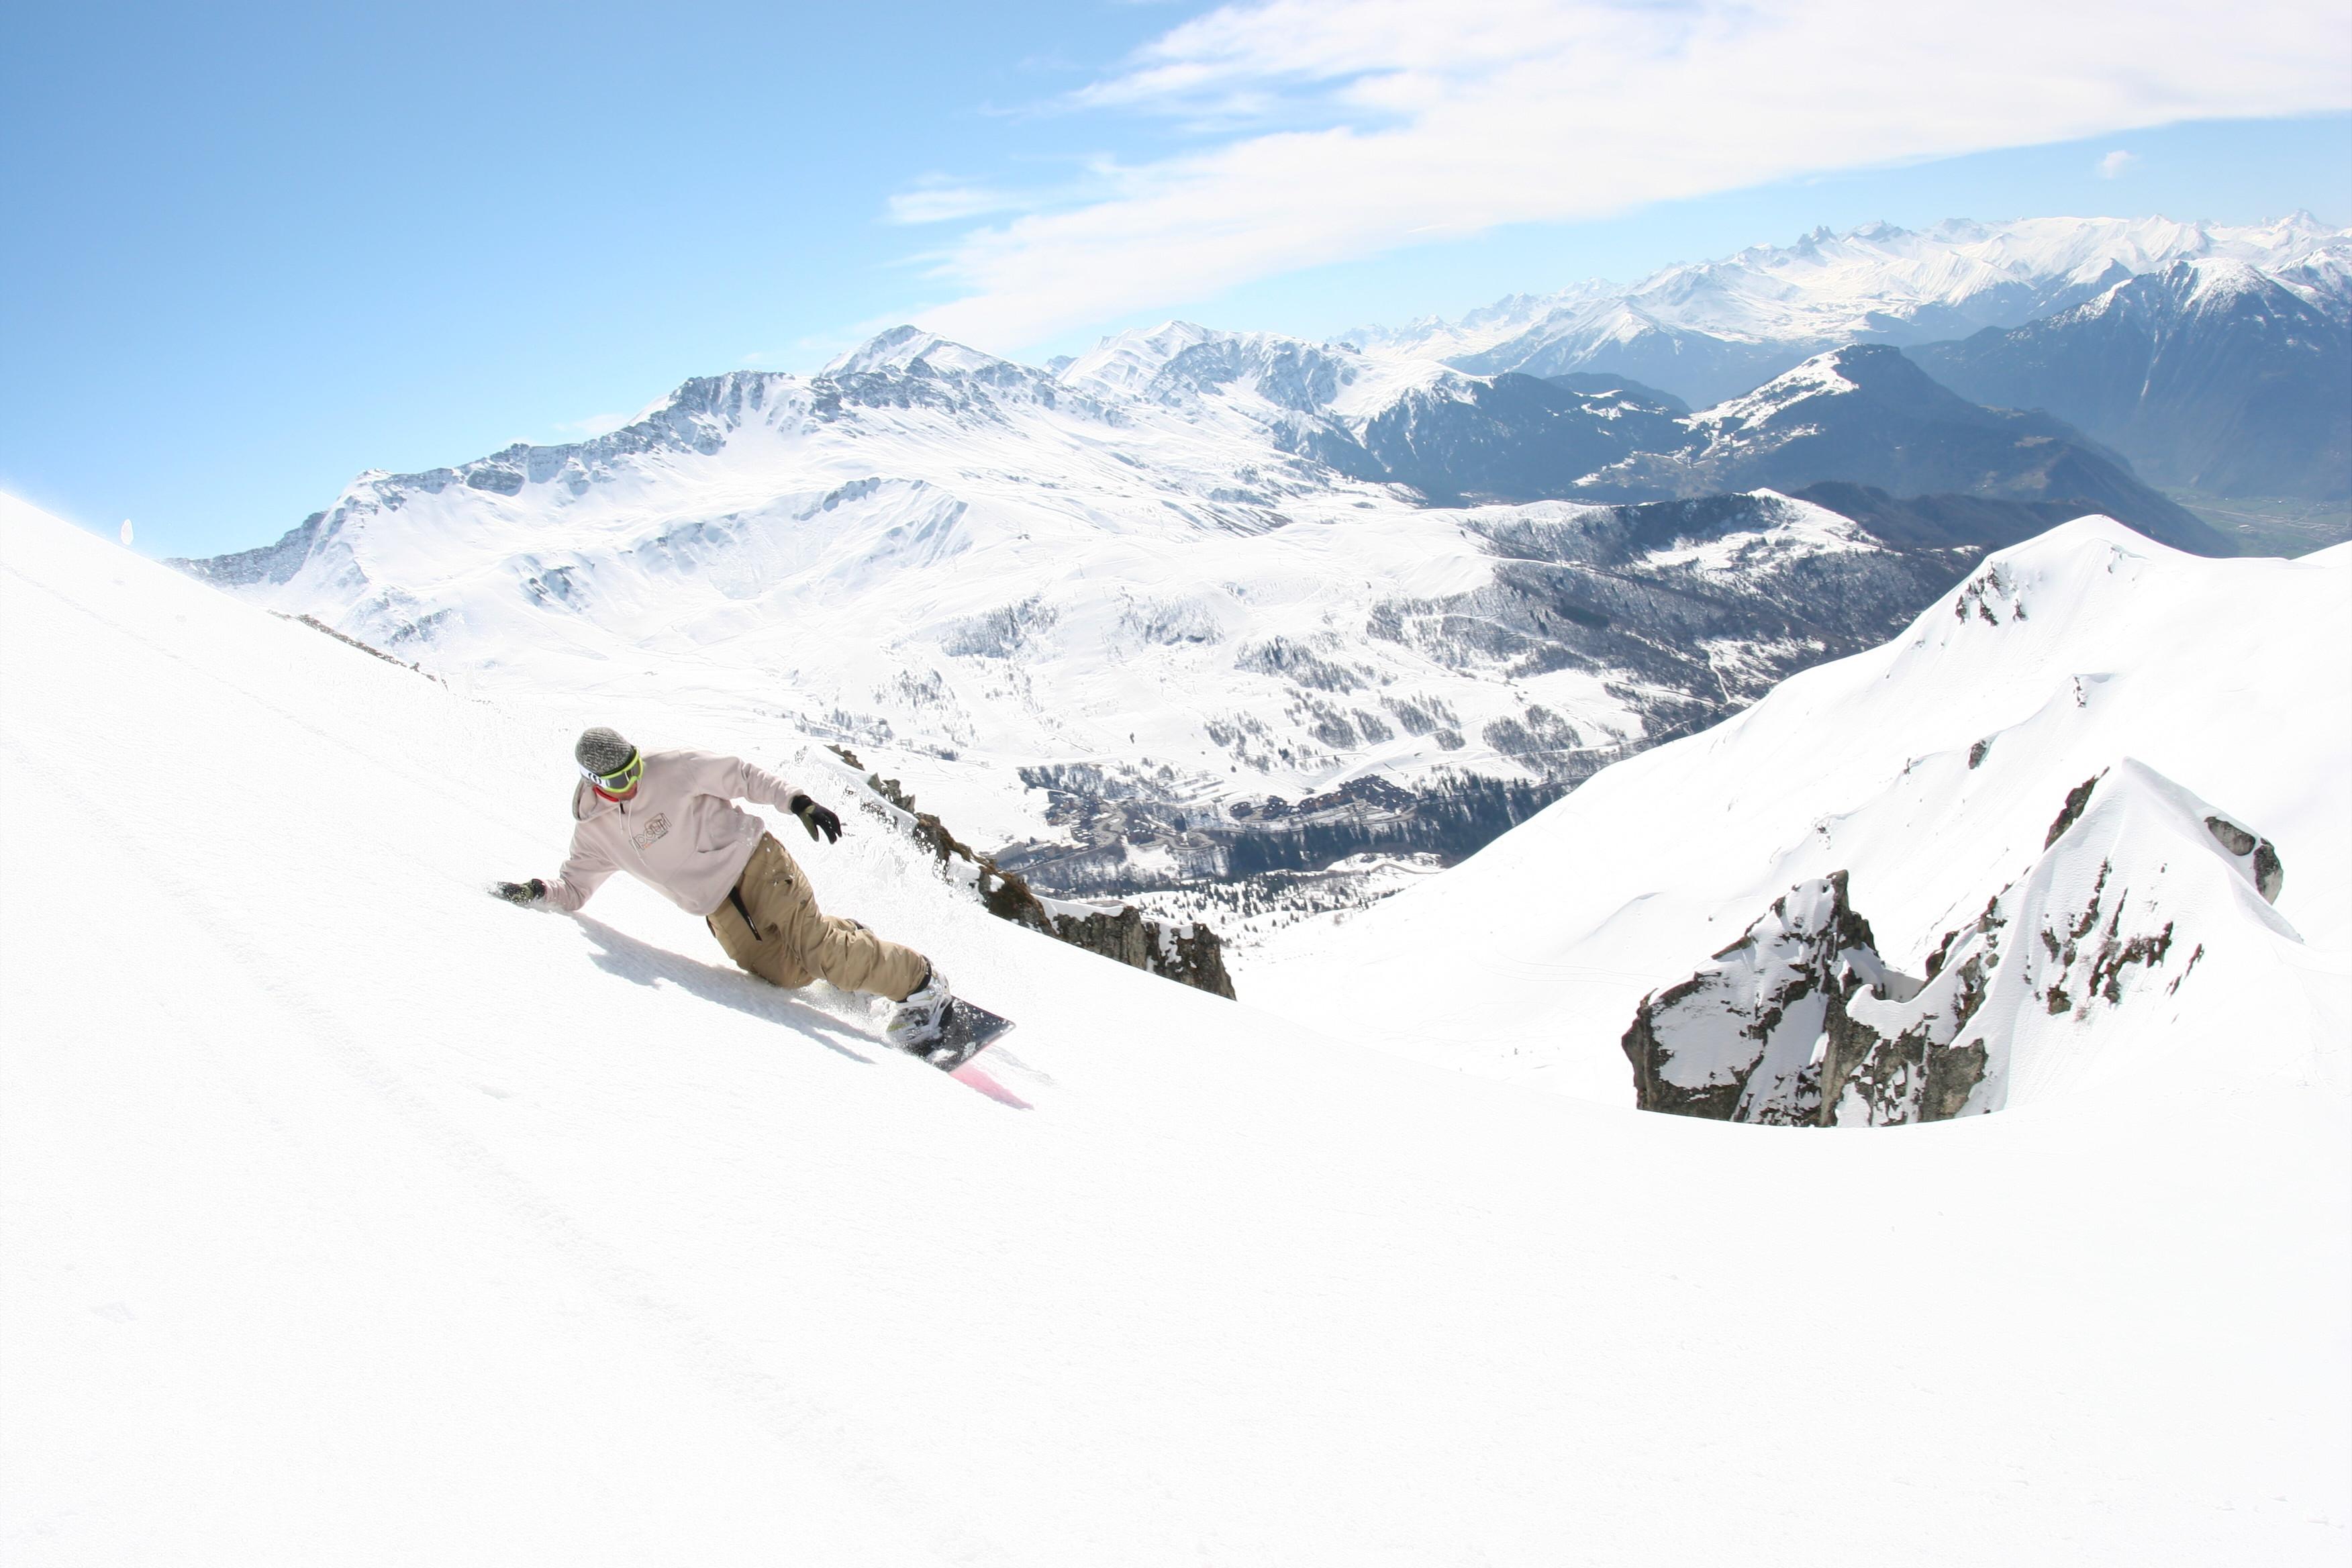 Saint fran ois longchamp savoie mont blanc savoie et - Saint francois longchamp office de tourisme ...